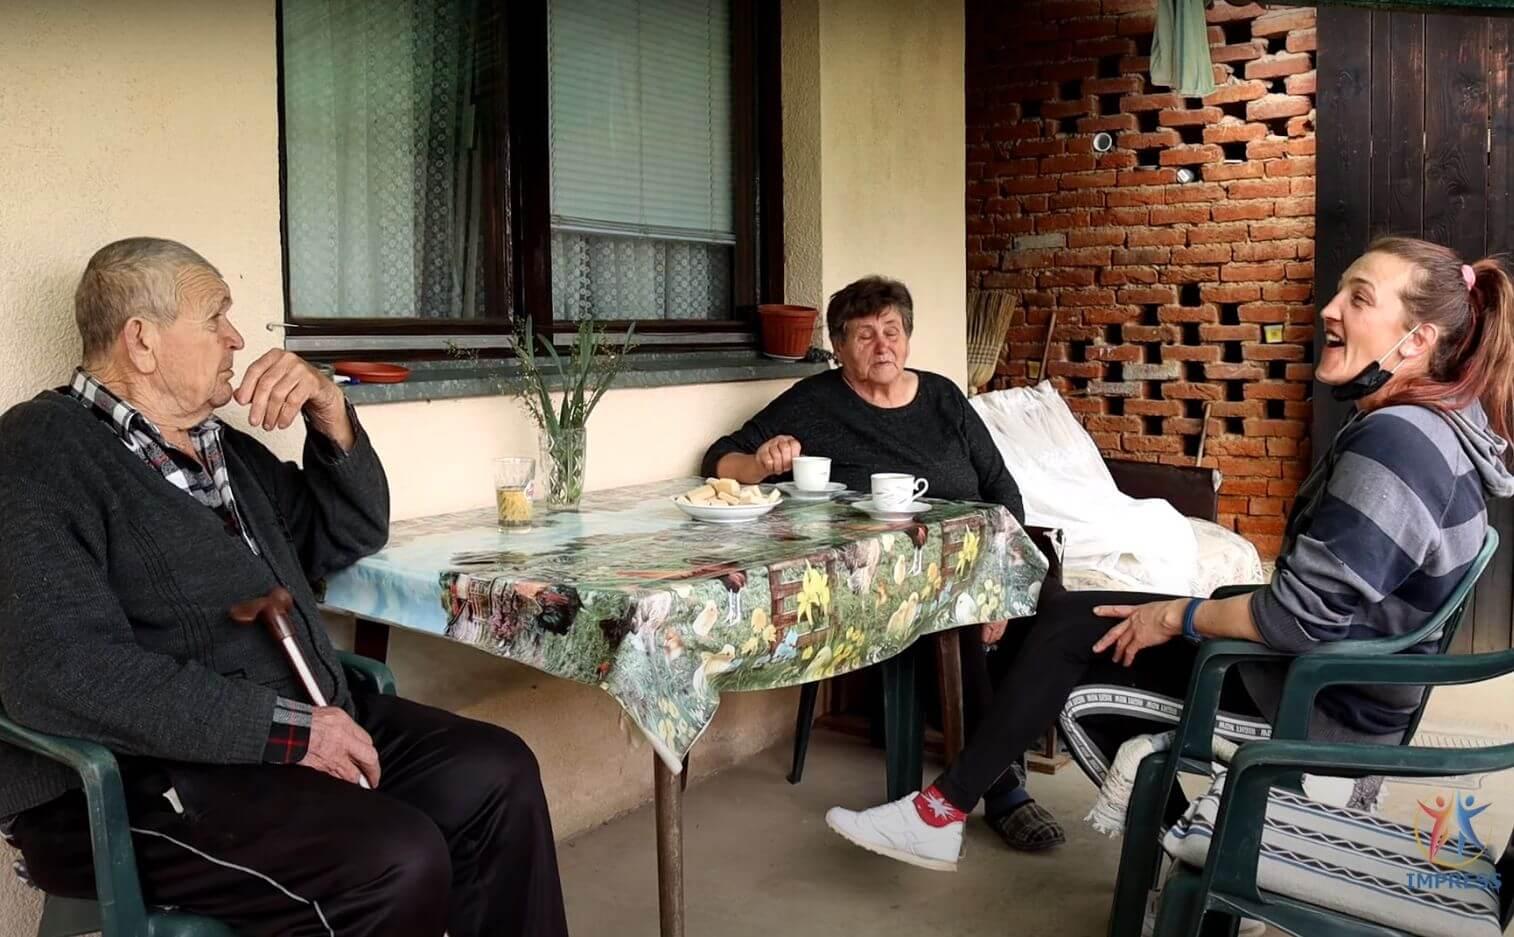 """[VIDEO] Gerontodomaćica Angelina sudjeluje u projektu """"Stariji nas trebaju"""": Evo kako izgleda jedan dan na terenu"""